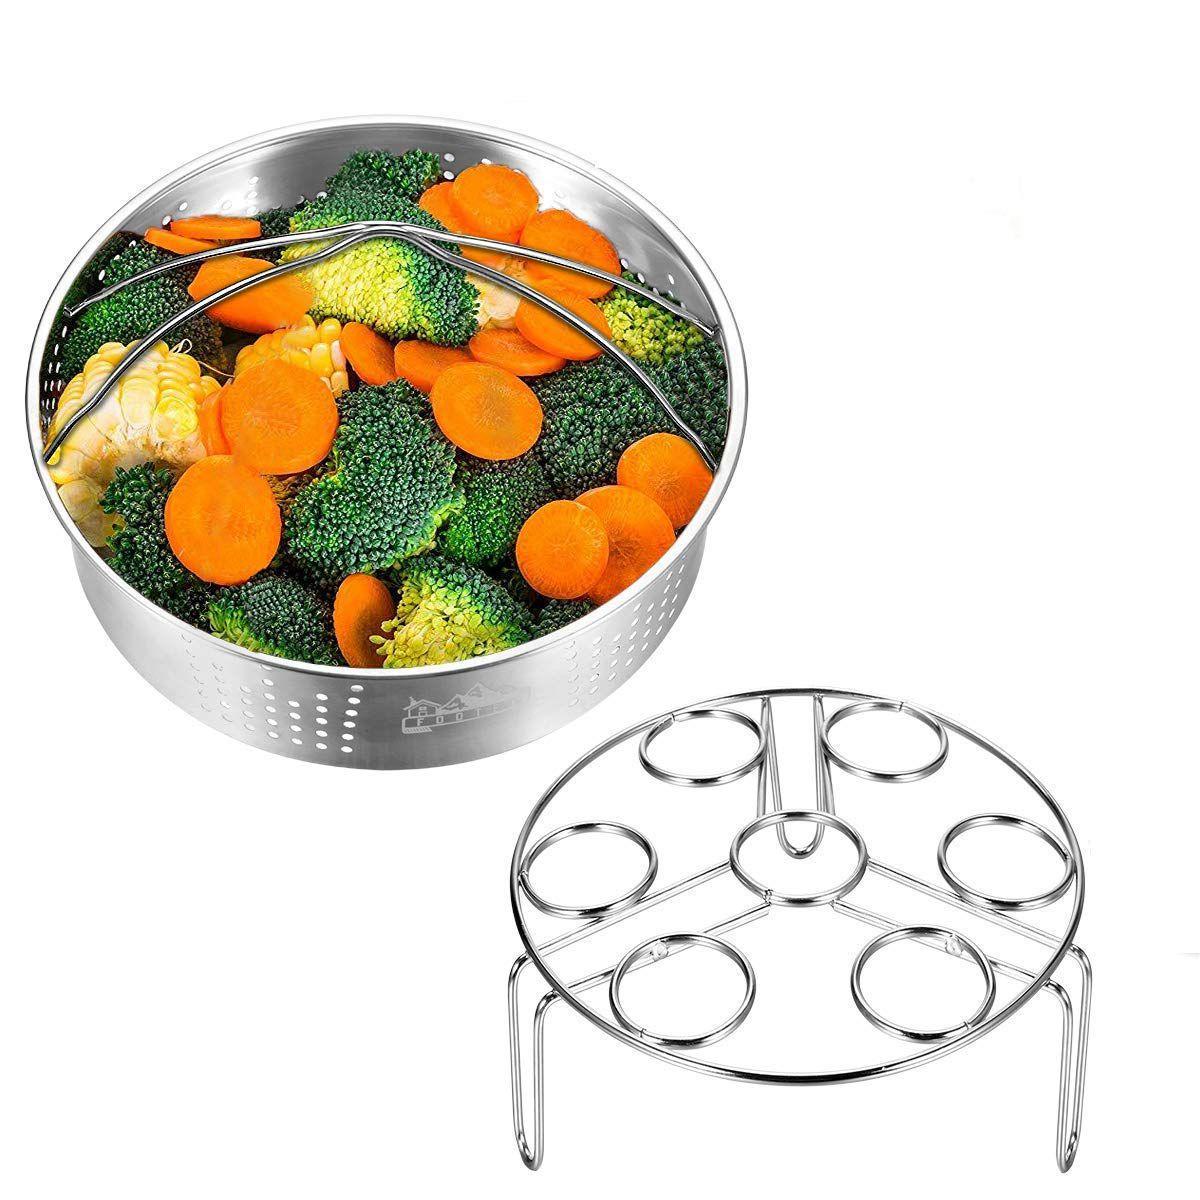 Паровая корзина с яйцевым паром для моментальной и напористой фурнитуры с овощным паром соответствует 5,6,8 кВт давление повары 2 штуки